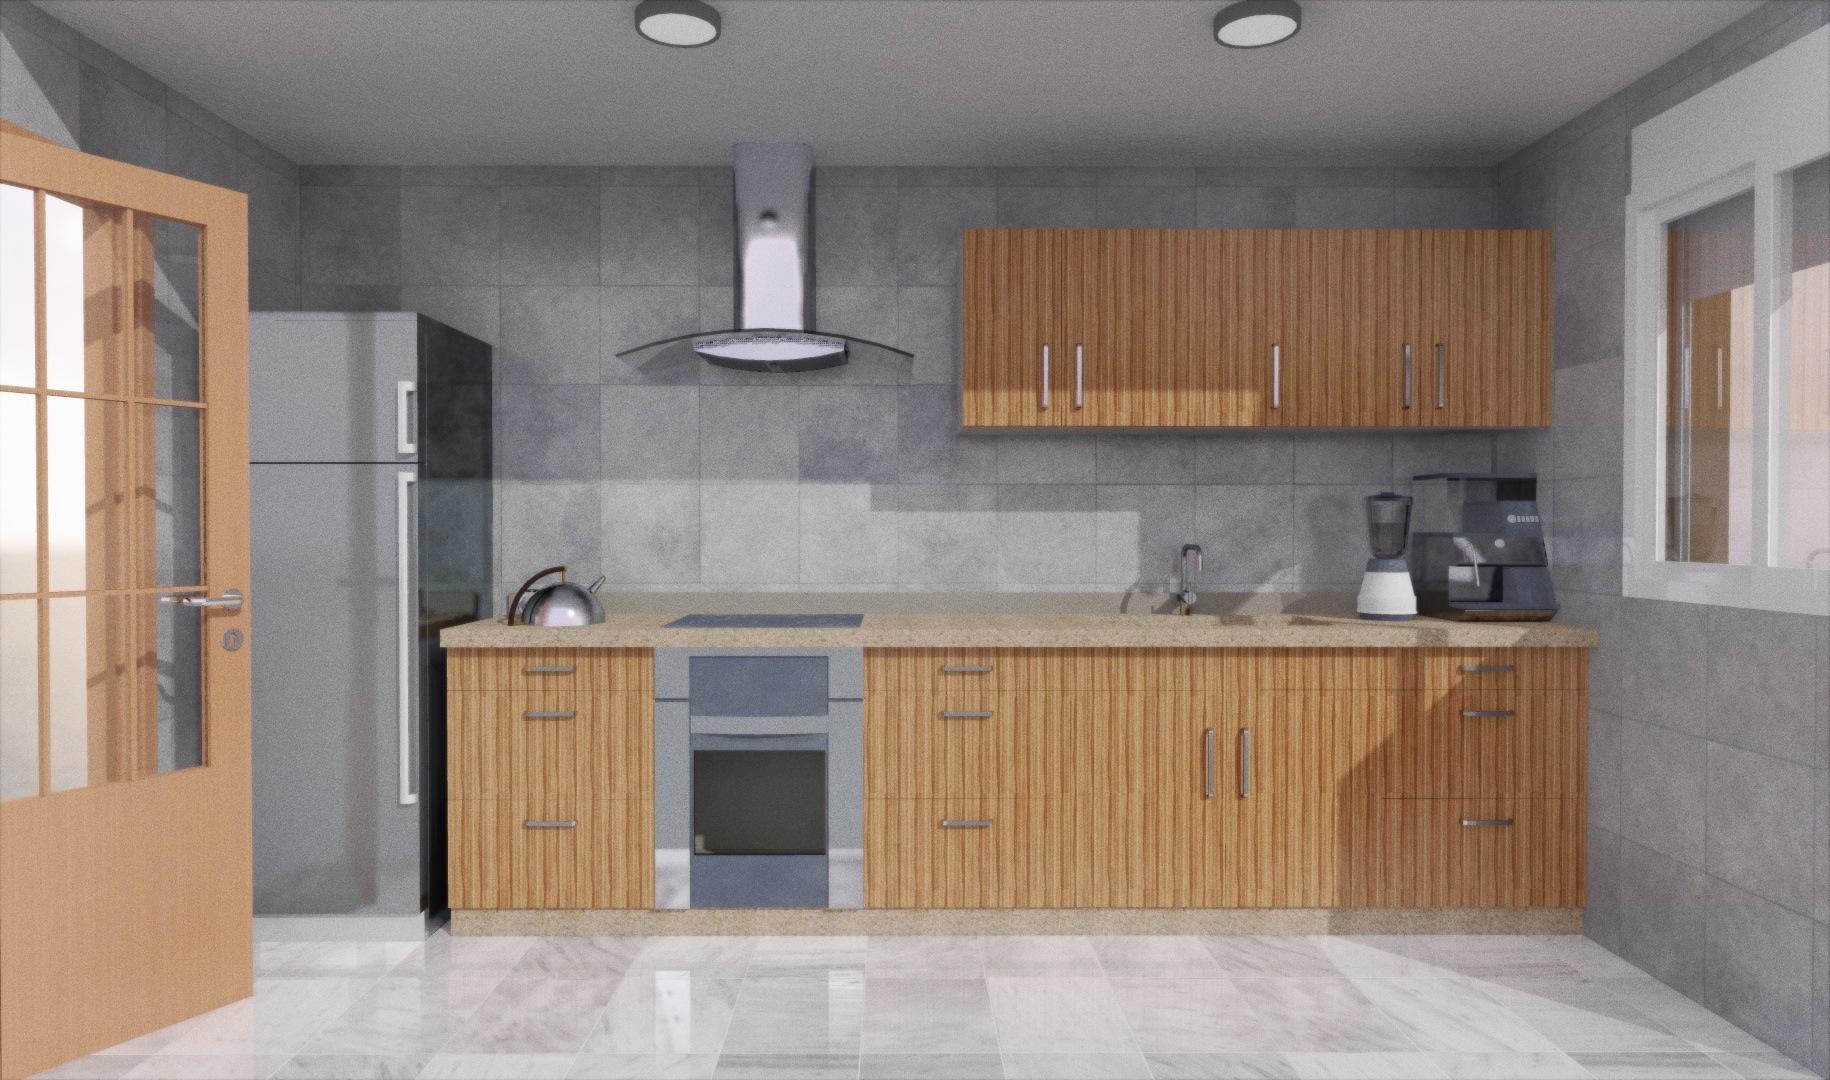 Cuanto mide una cocina garquitectos for Cocina 3 metros pared